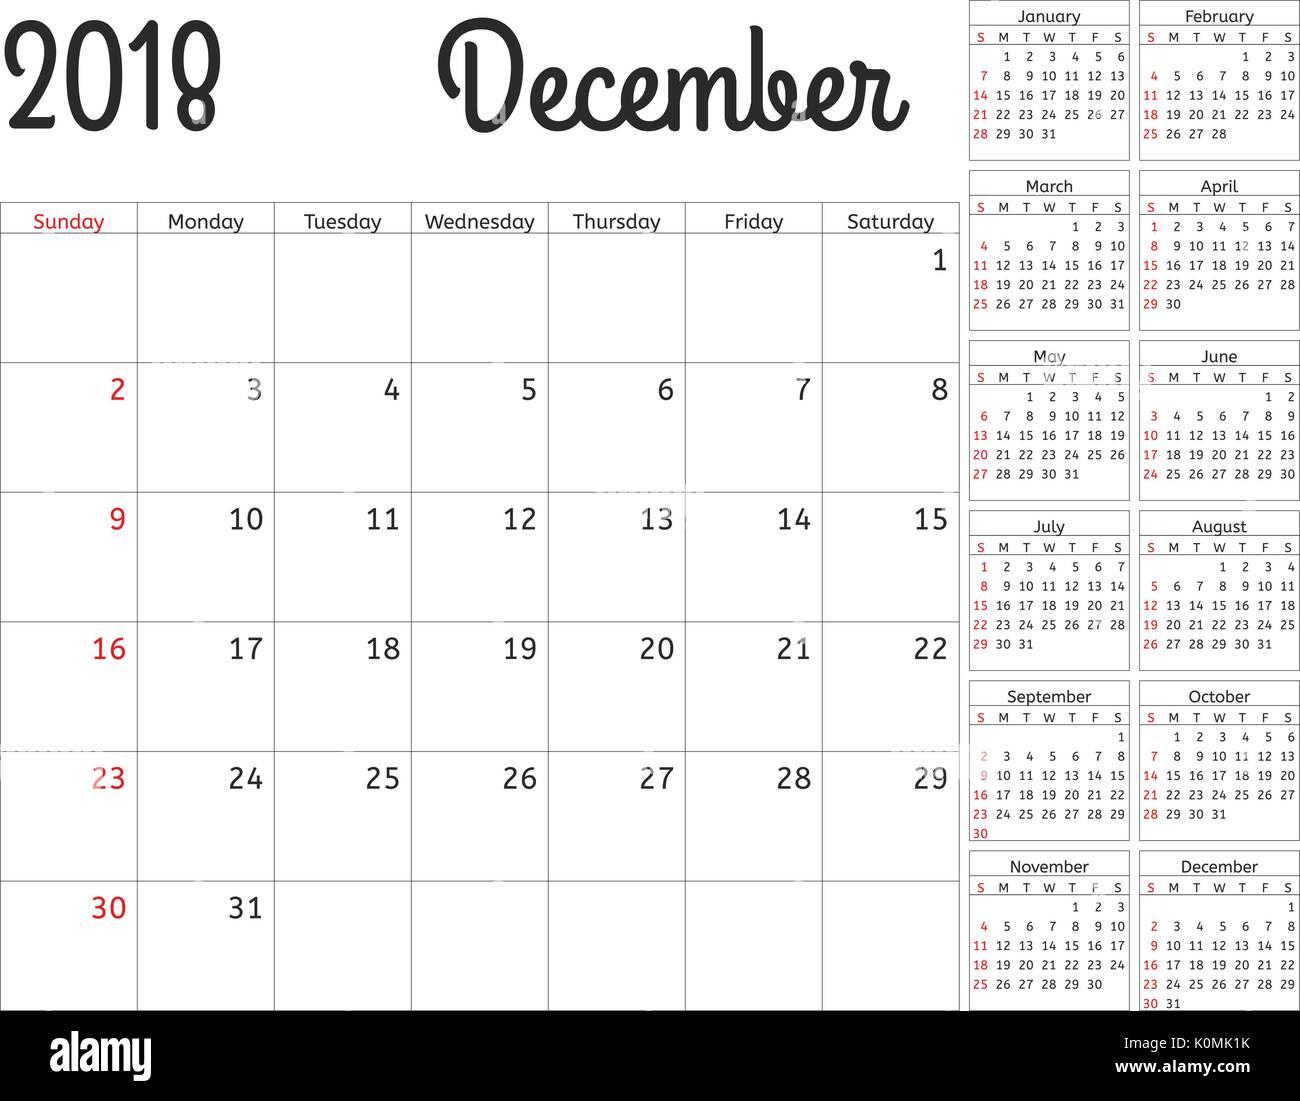 ca3dee8972b8c Calendario simple planificador para el año 2018. Diseño vectorial de  diciembre de plantilla. Conjunto